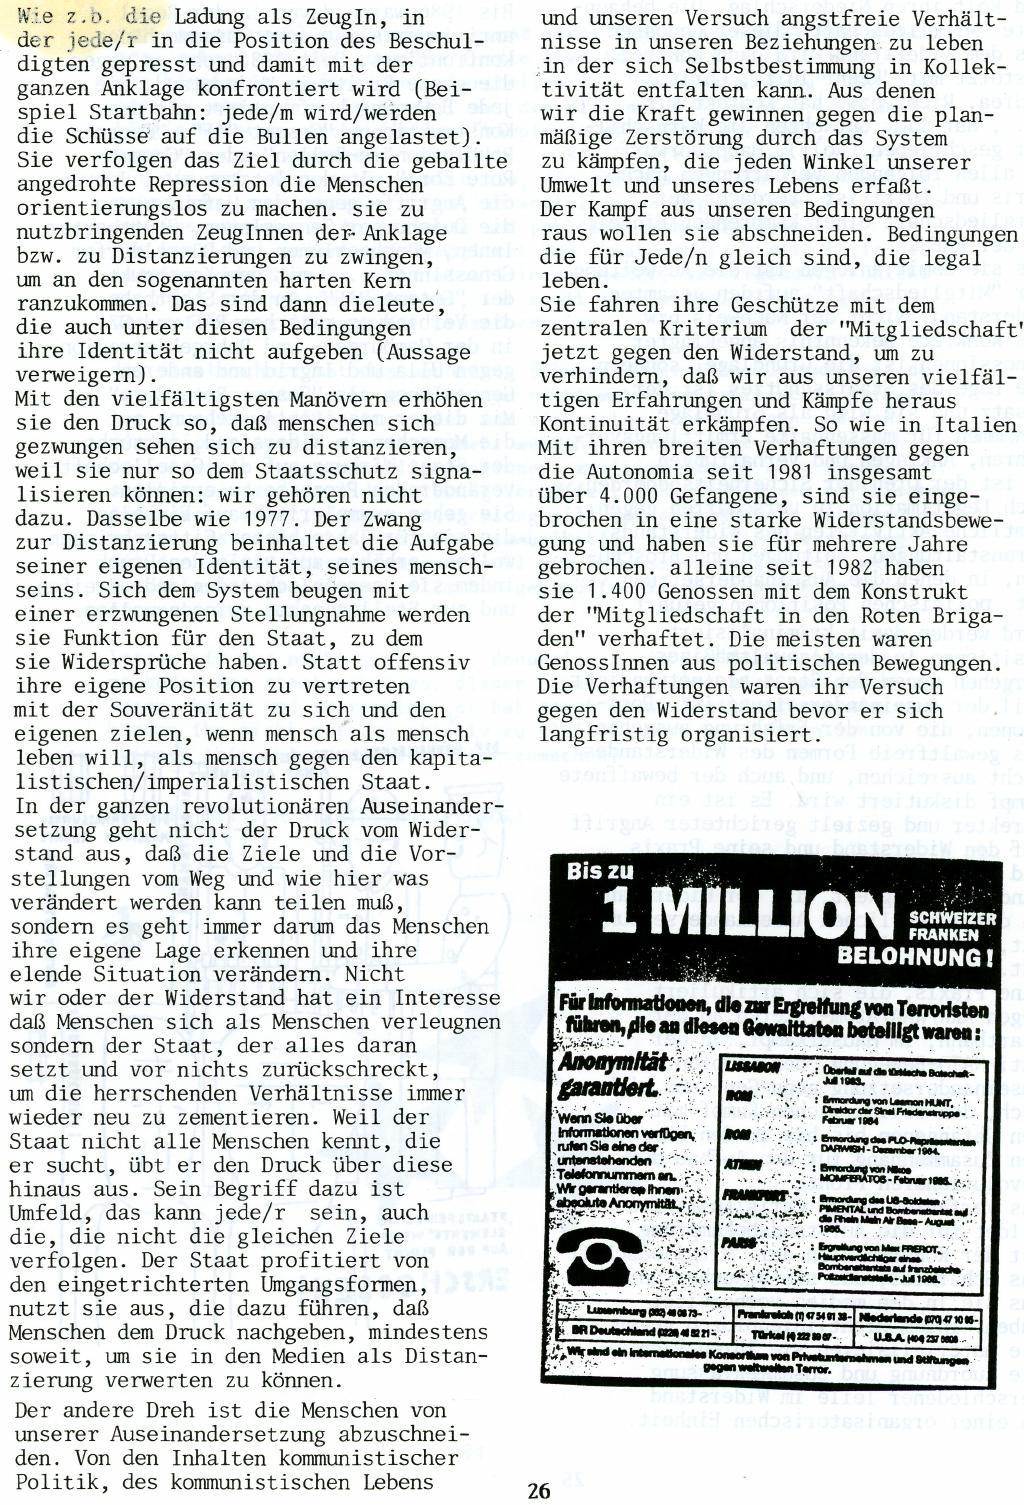 Duesseldorf_1989_Sechs_Politische_Gefangene_026